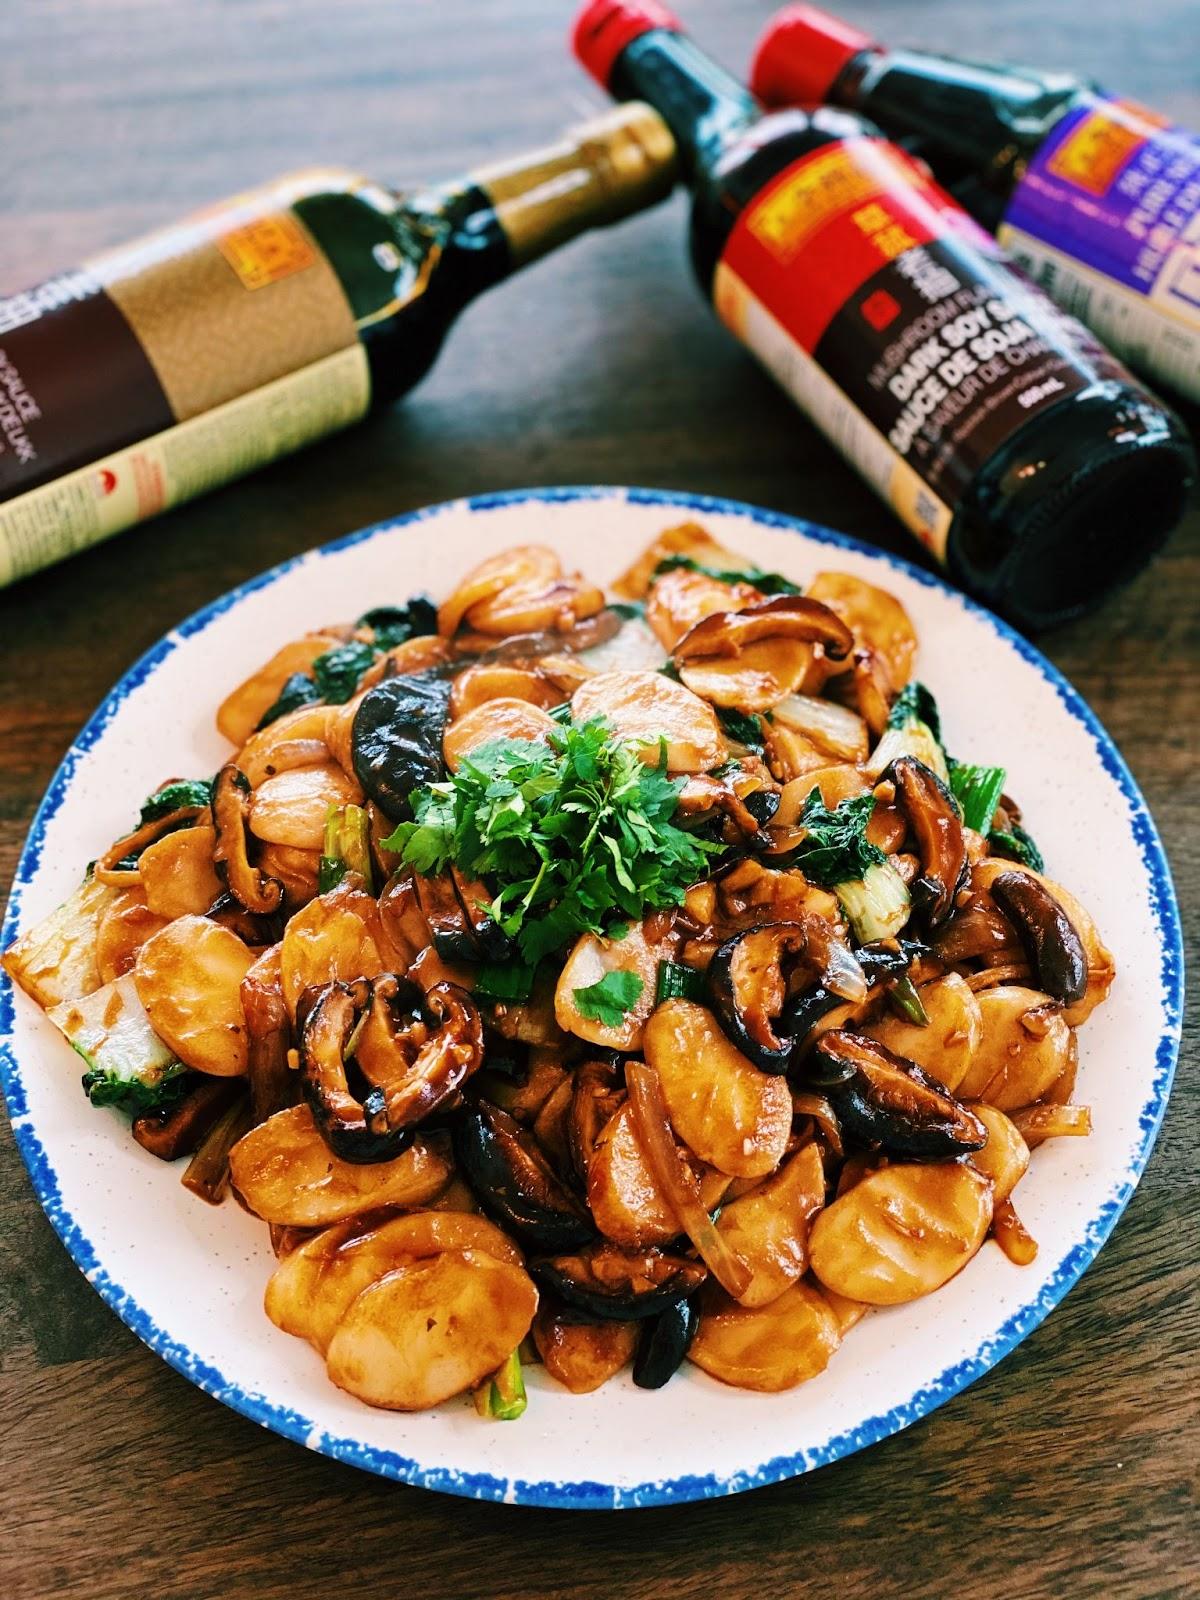 Shanghai Stir-fried Rice Cakes